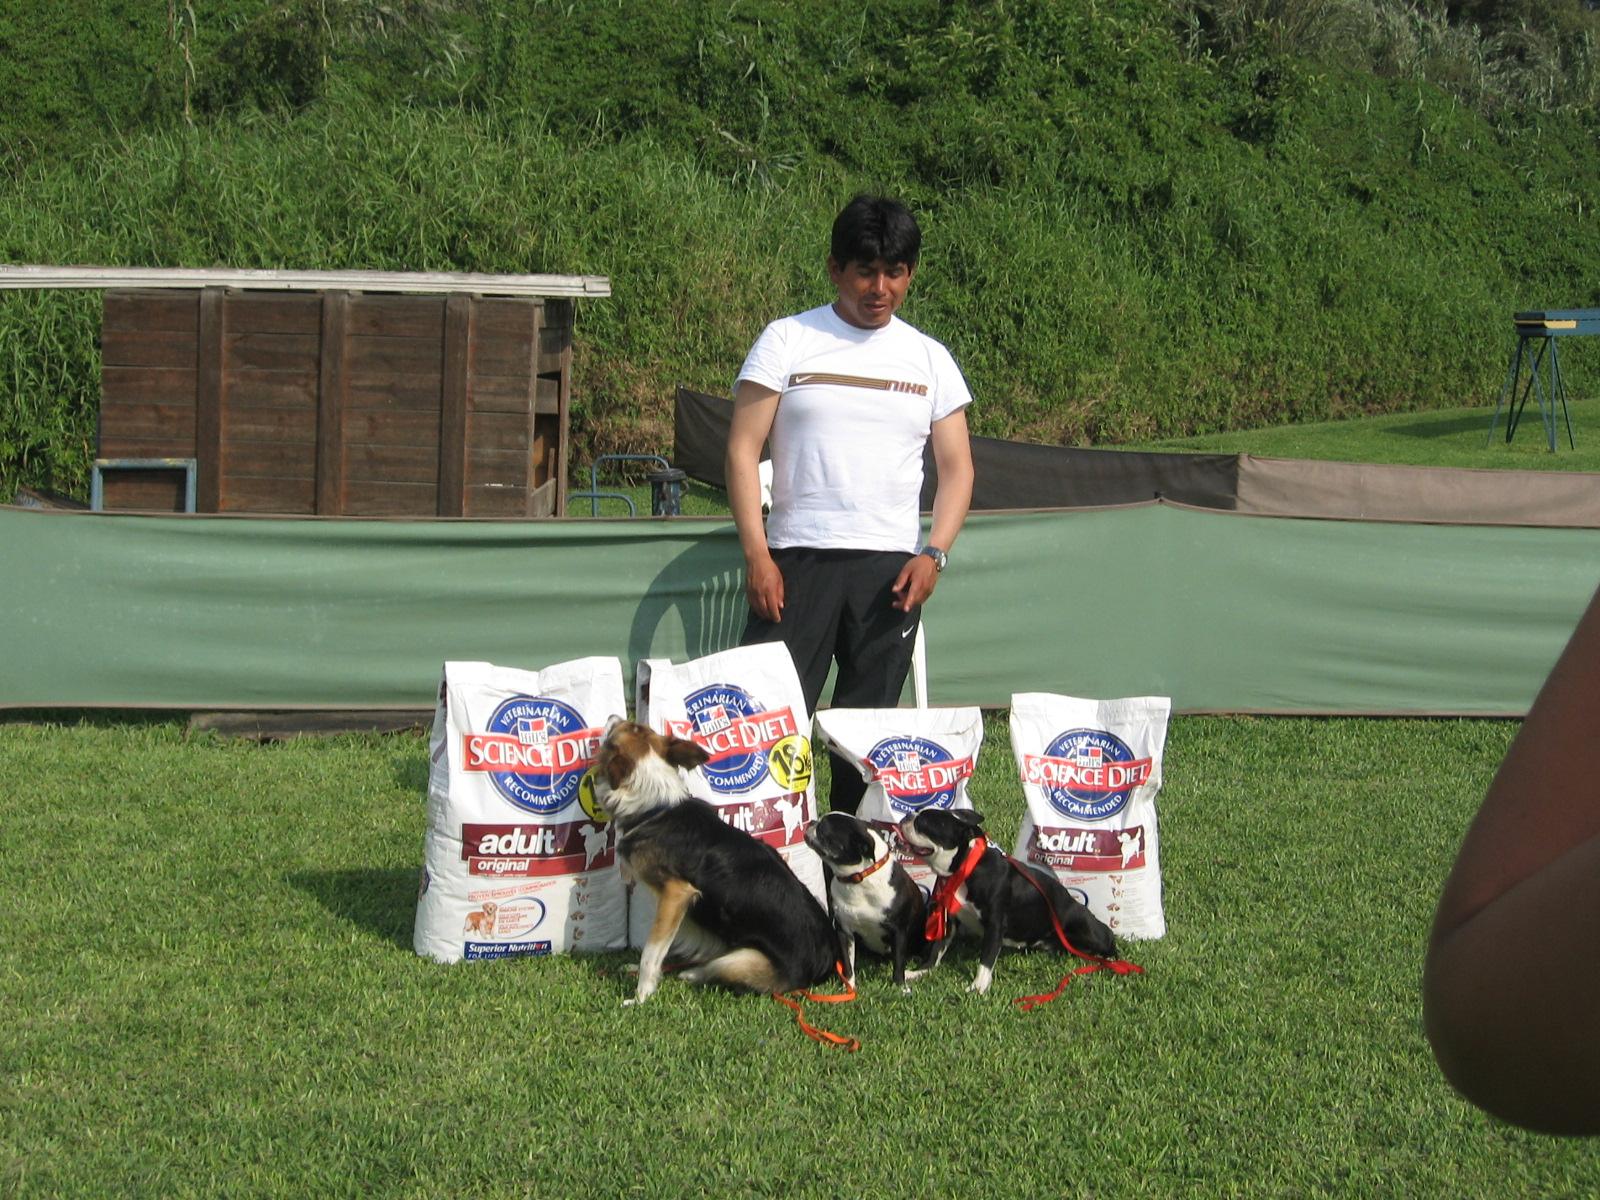 Richard con sus mascotas y premios obtenidos